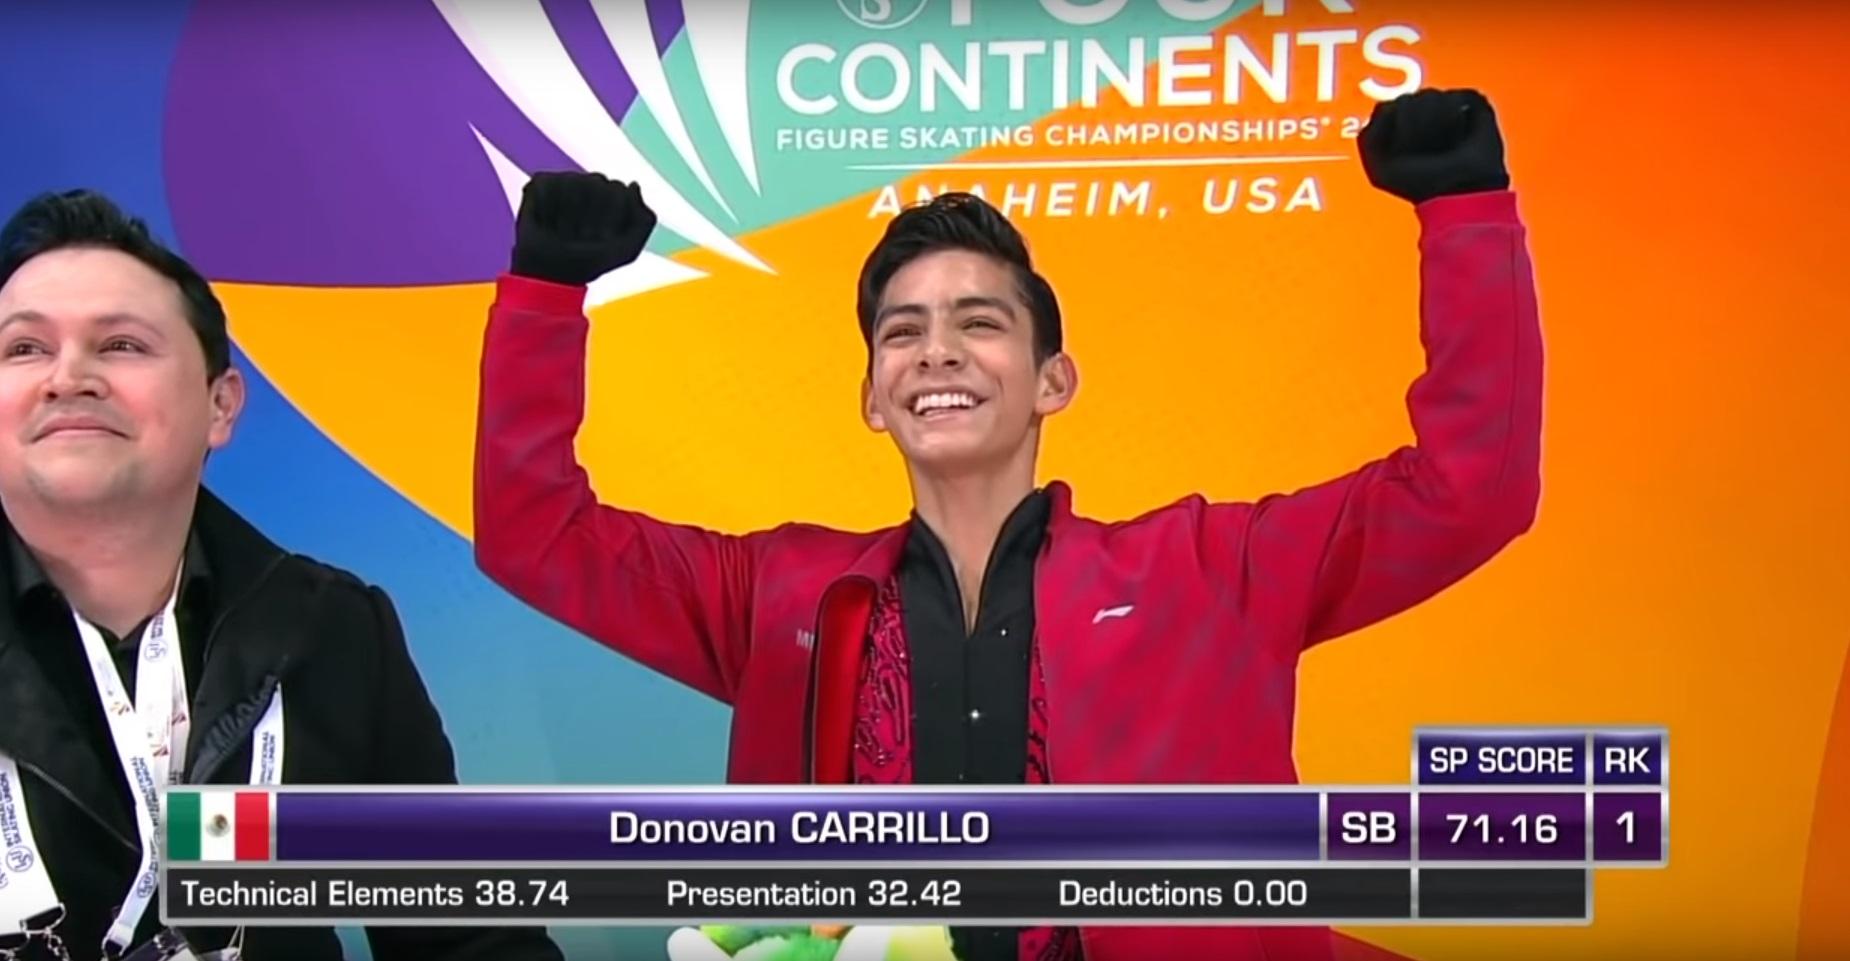 """Donovan Carrillo calificó al Campeonato Mundial de Patinaje Artístico de Saitama 2019 con una extraordinaria actuación en la que ejecutó un """"triple axel"""" Foto: (Especial)"""